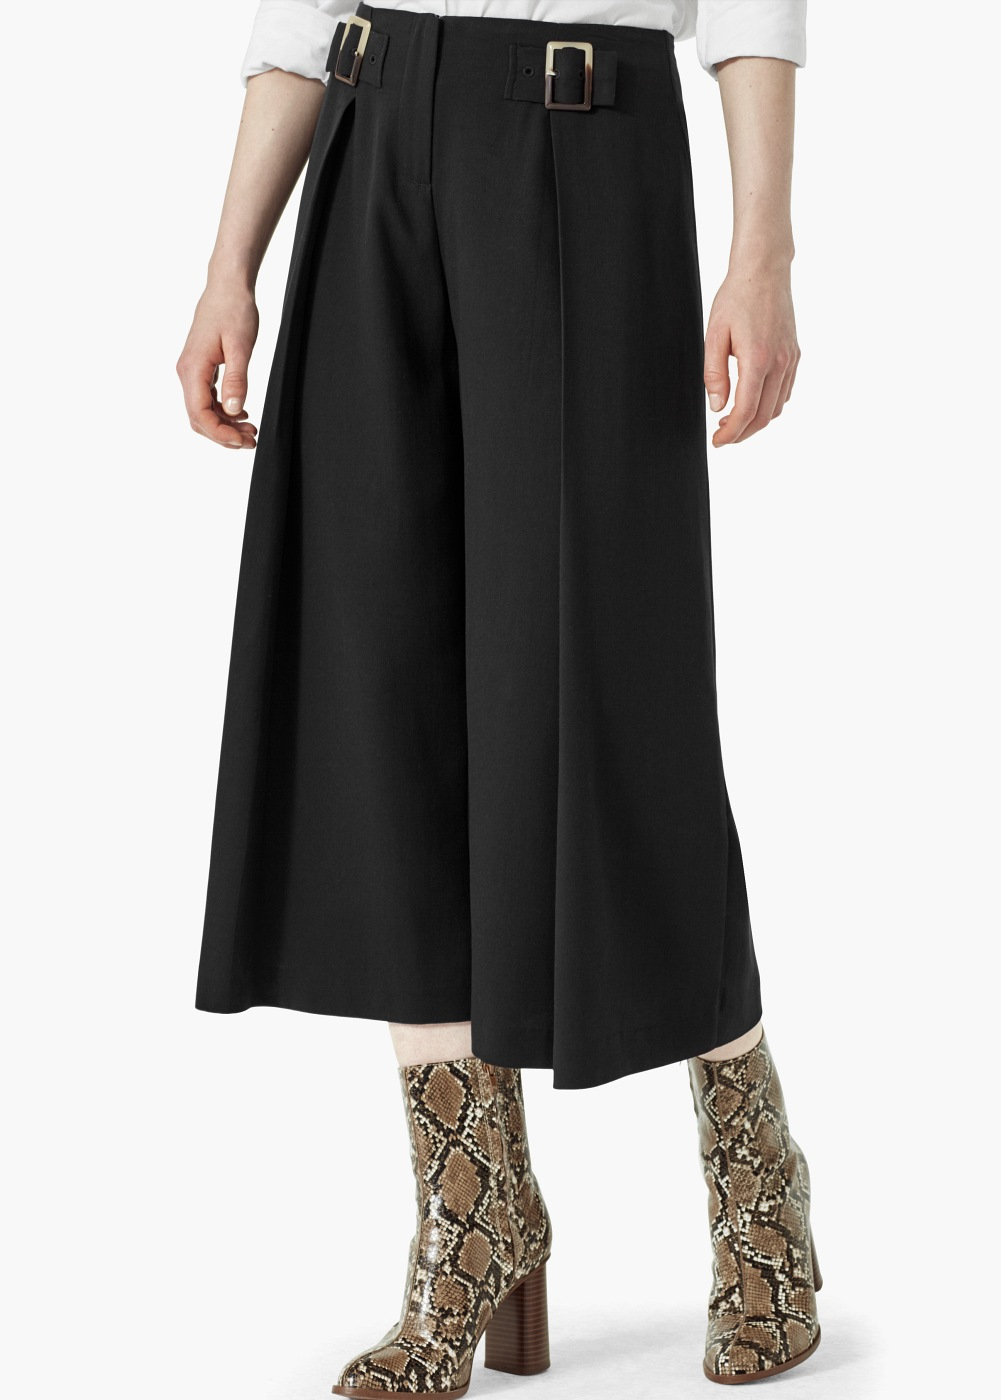 Culottes shopping  ab32479a01e